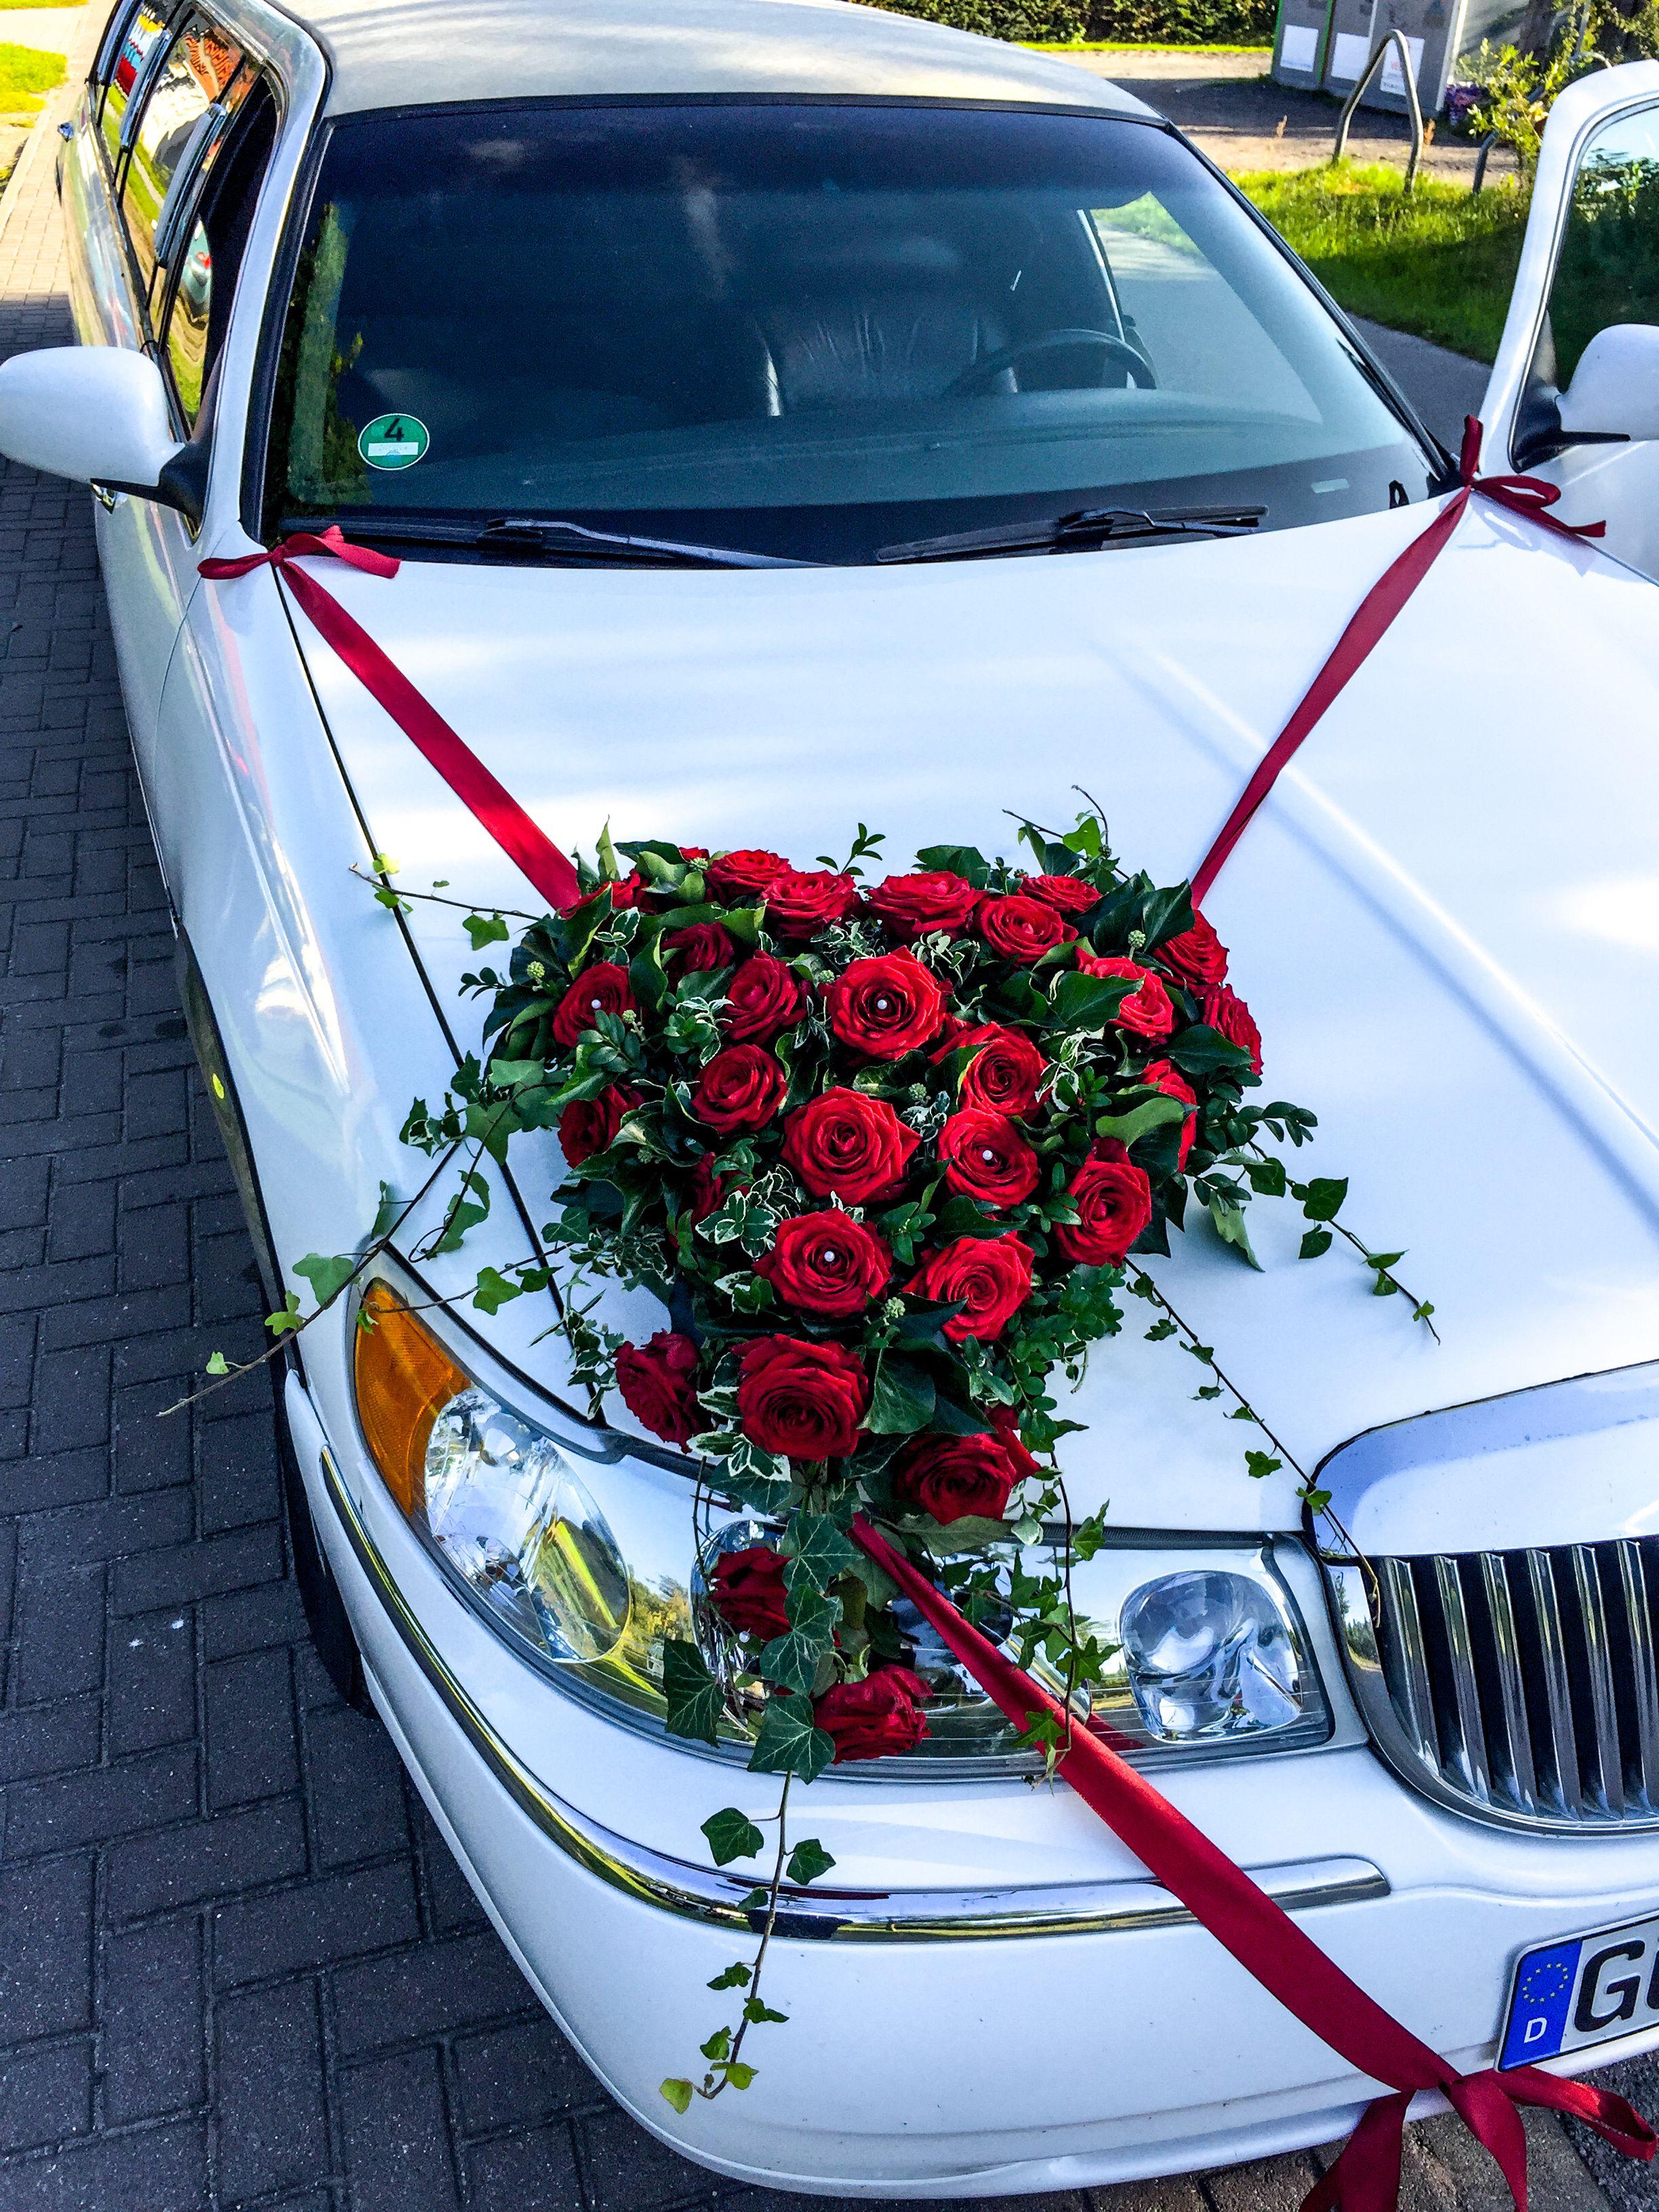 Wedding car flower decoration images  Herz aus Rosen für die Motorhaube auf der Stretchlimousine